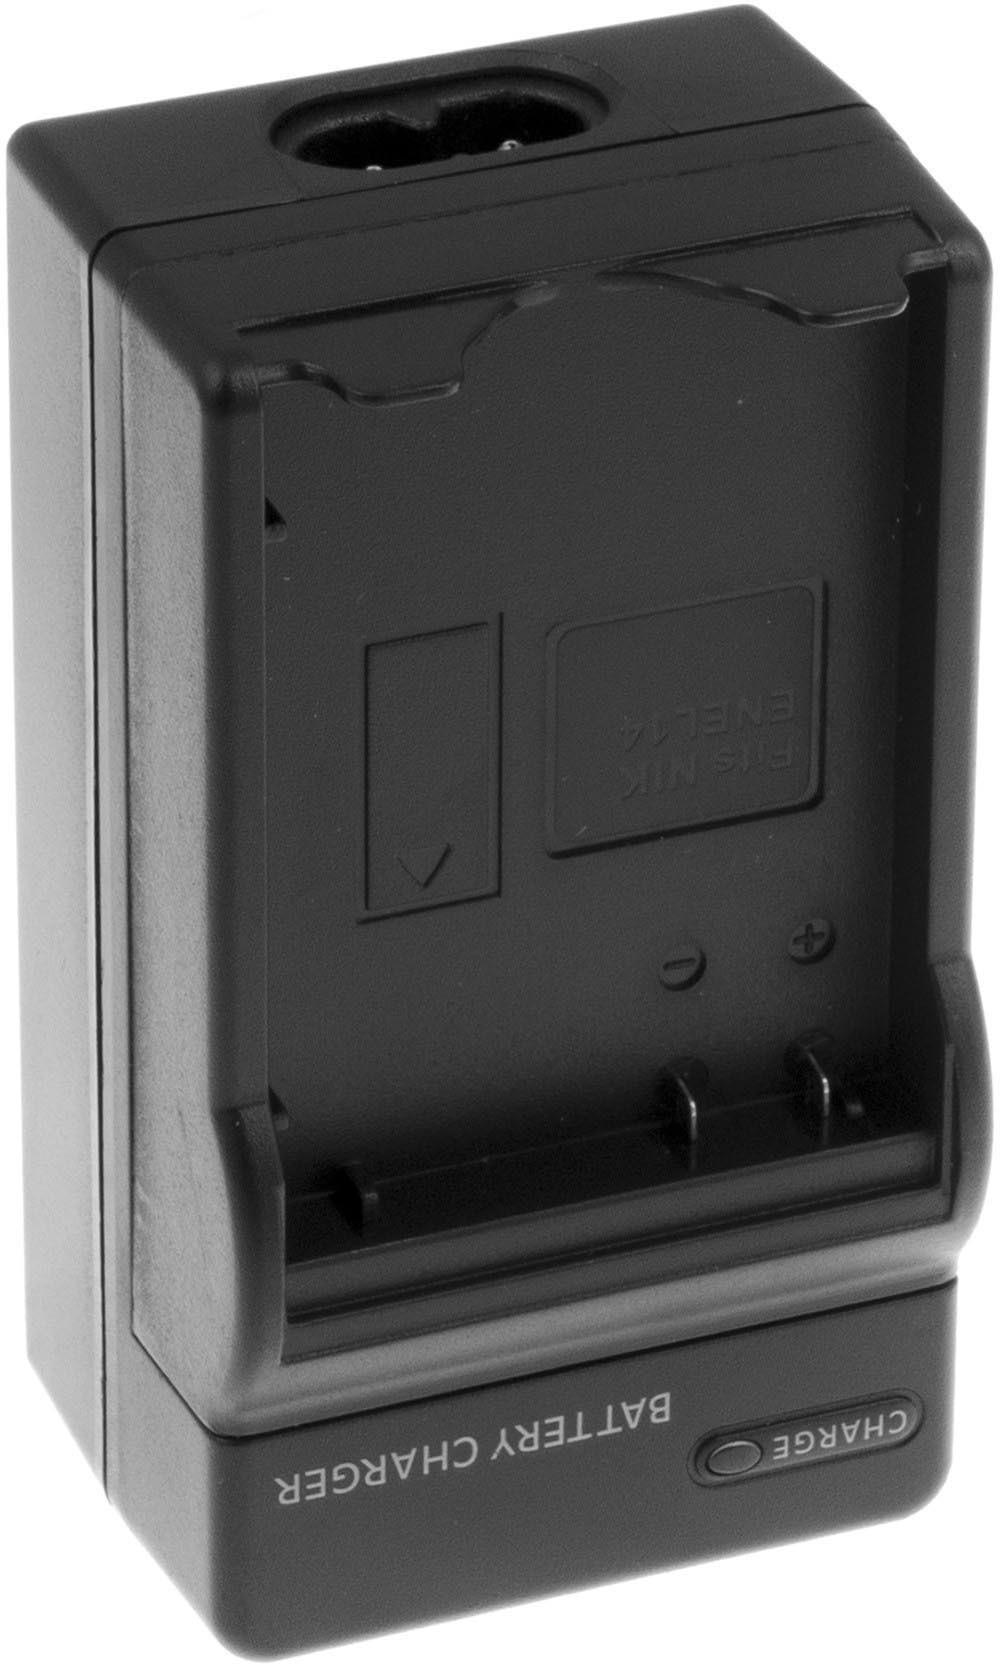 Camera Battery Charger EN-EL14 for Nikon D3100 D3300 D5100 D5200 CoolPix P7000